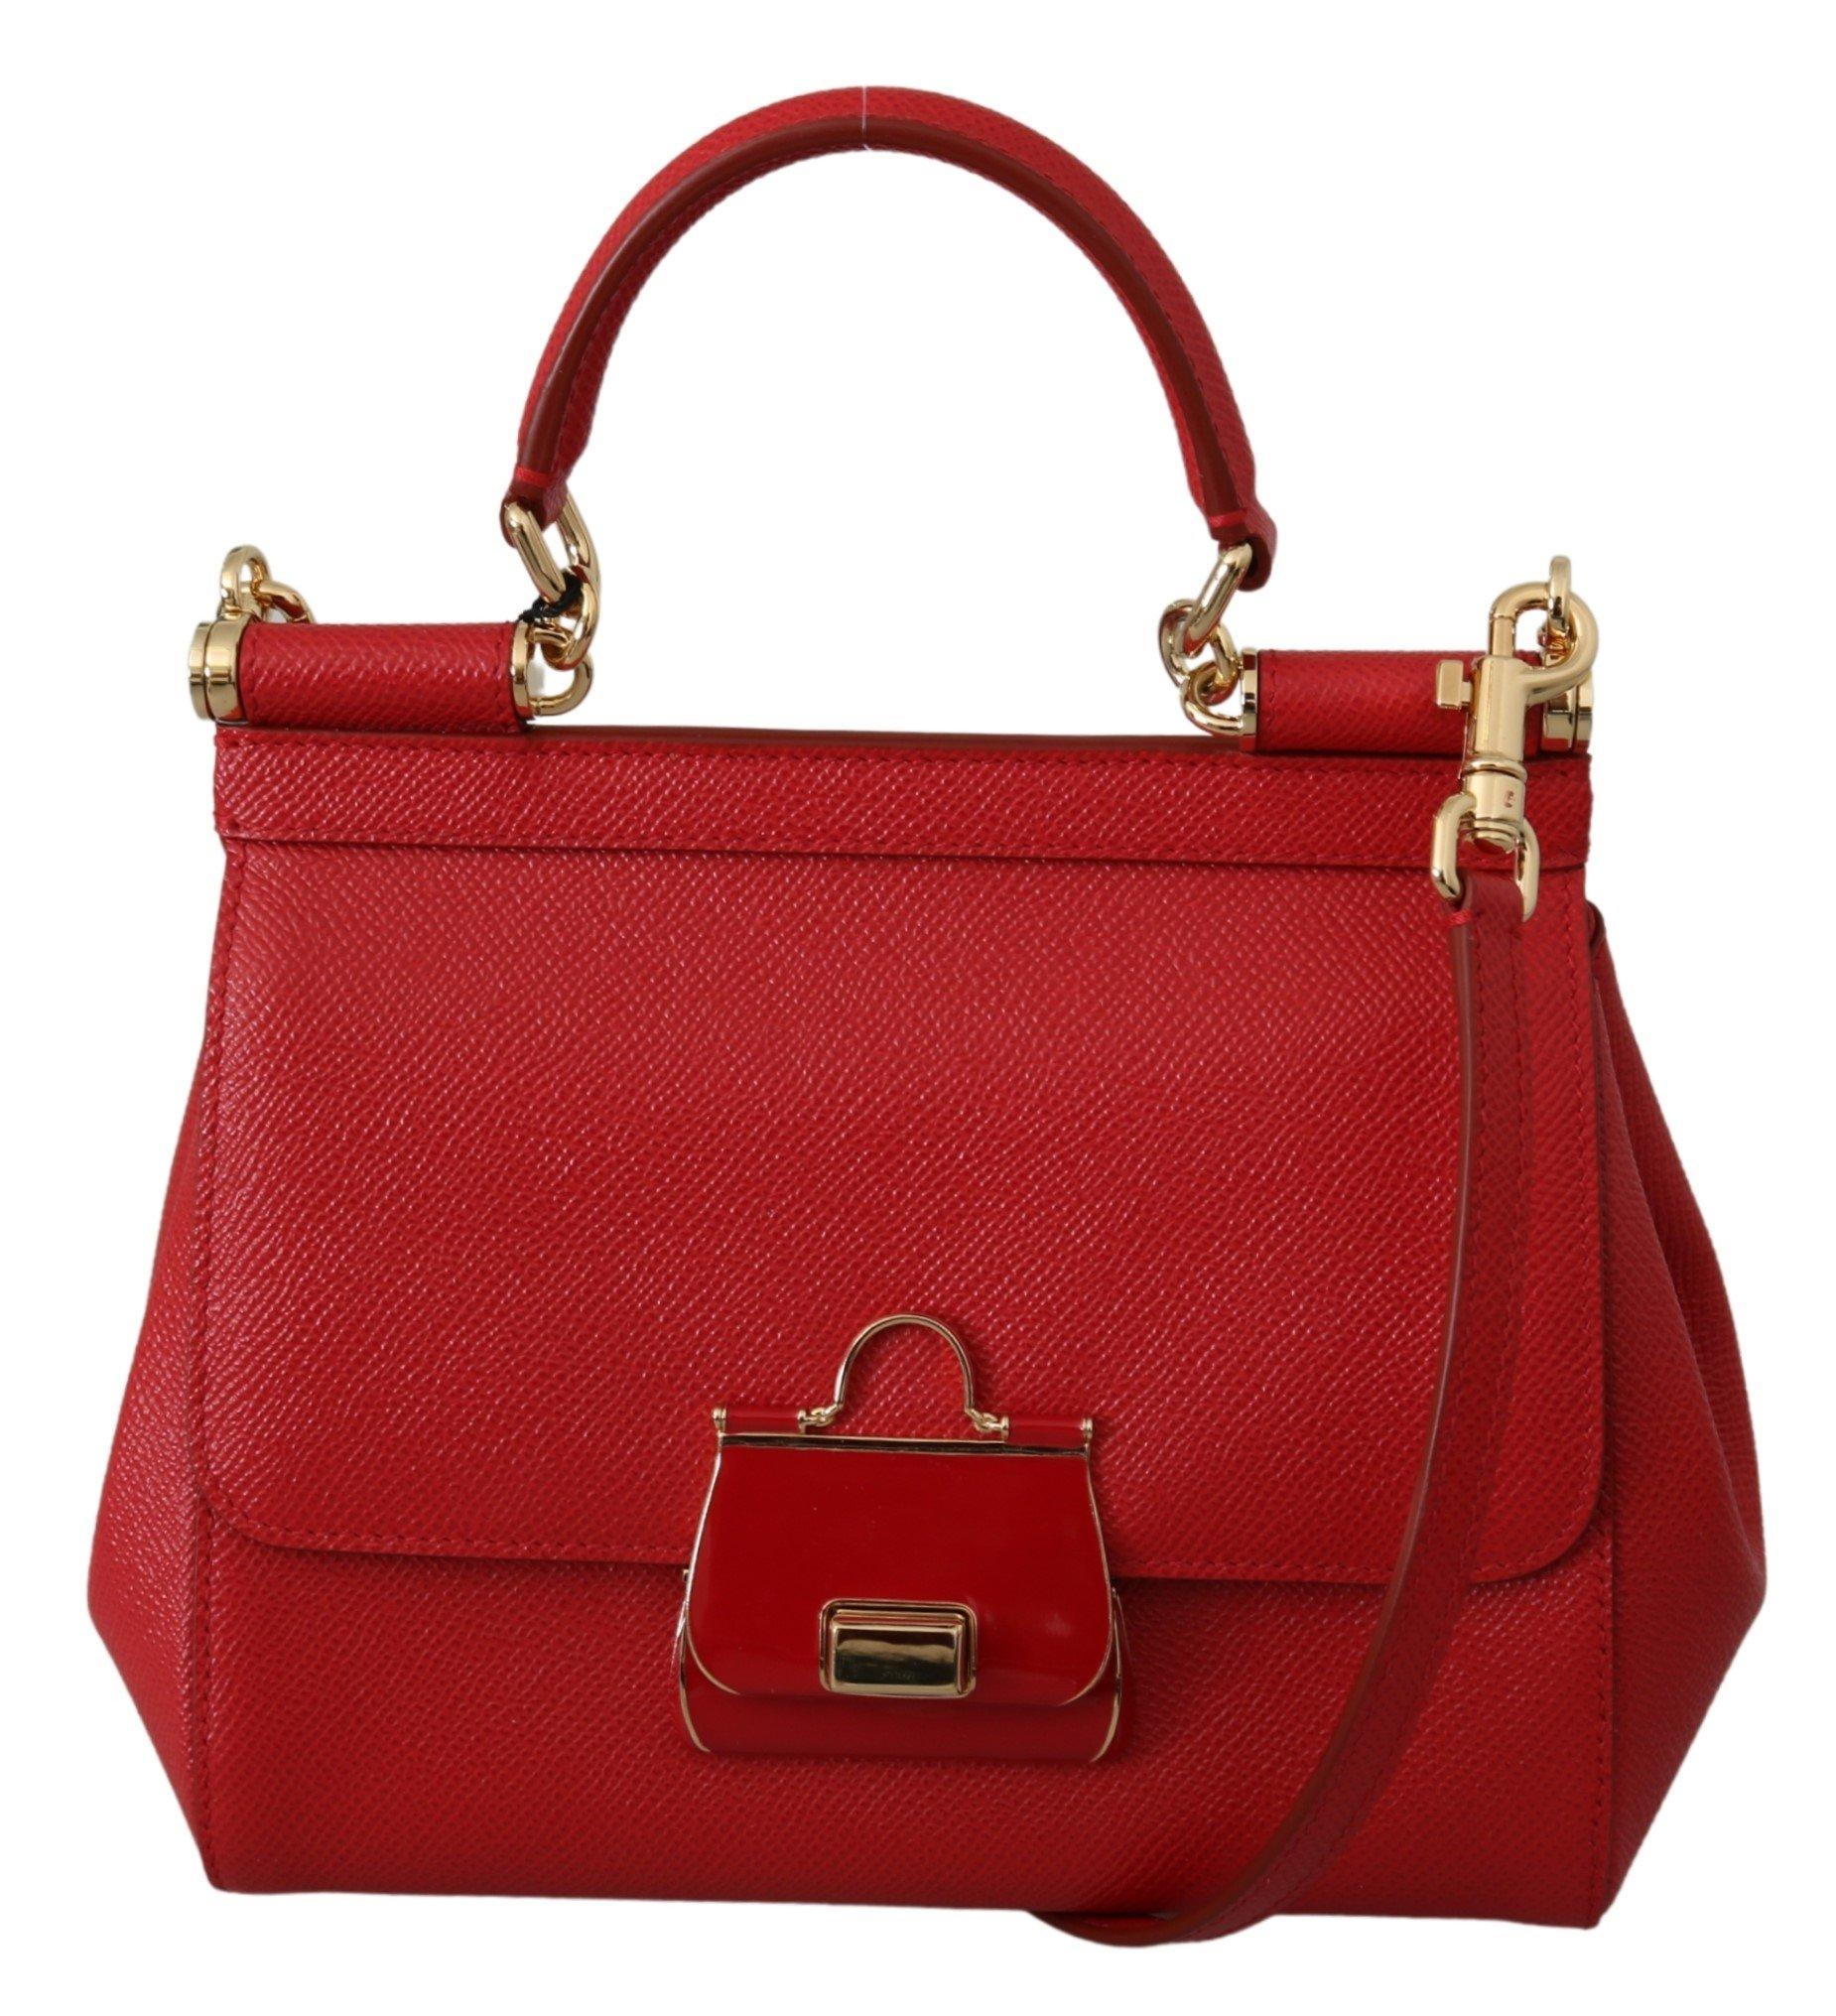 Dolce & Gabbana Women's SICILY Leather Shoulder Bag Red VAS9951